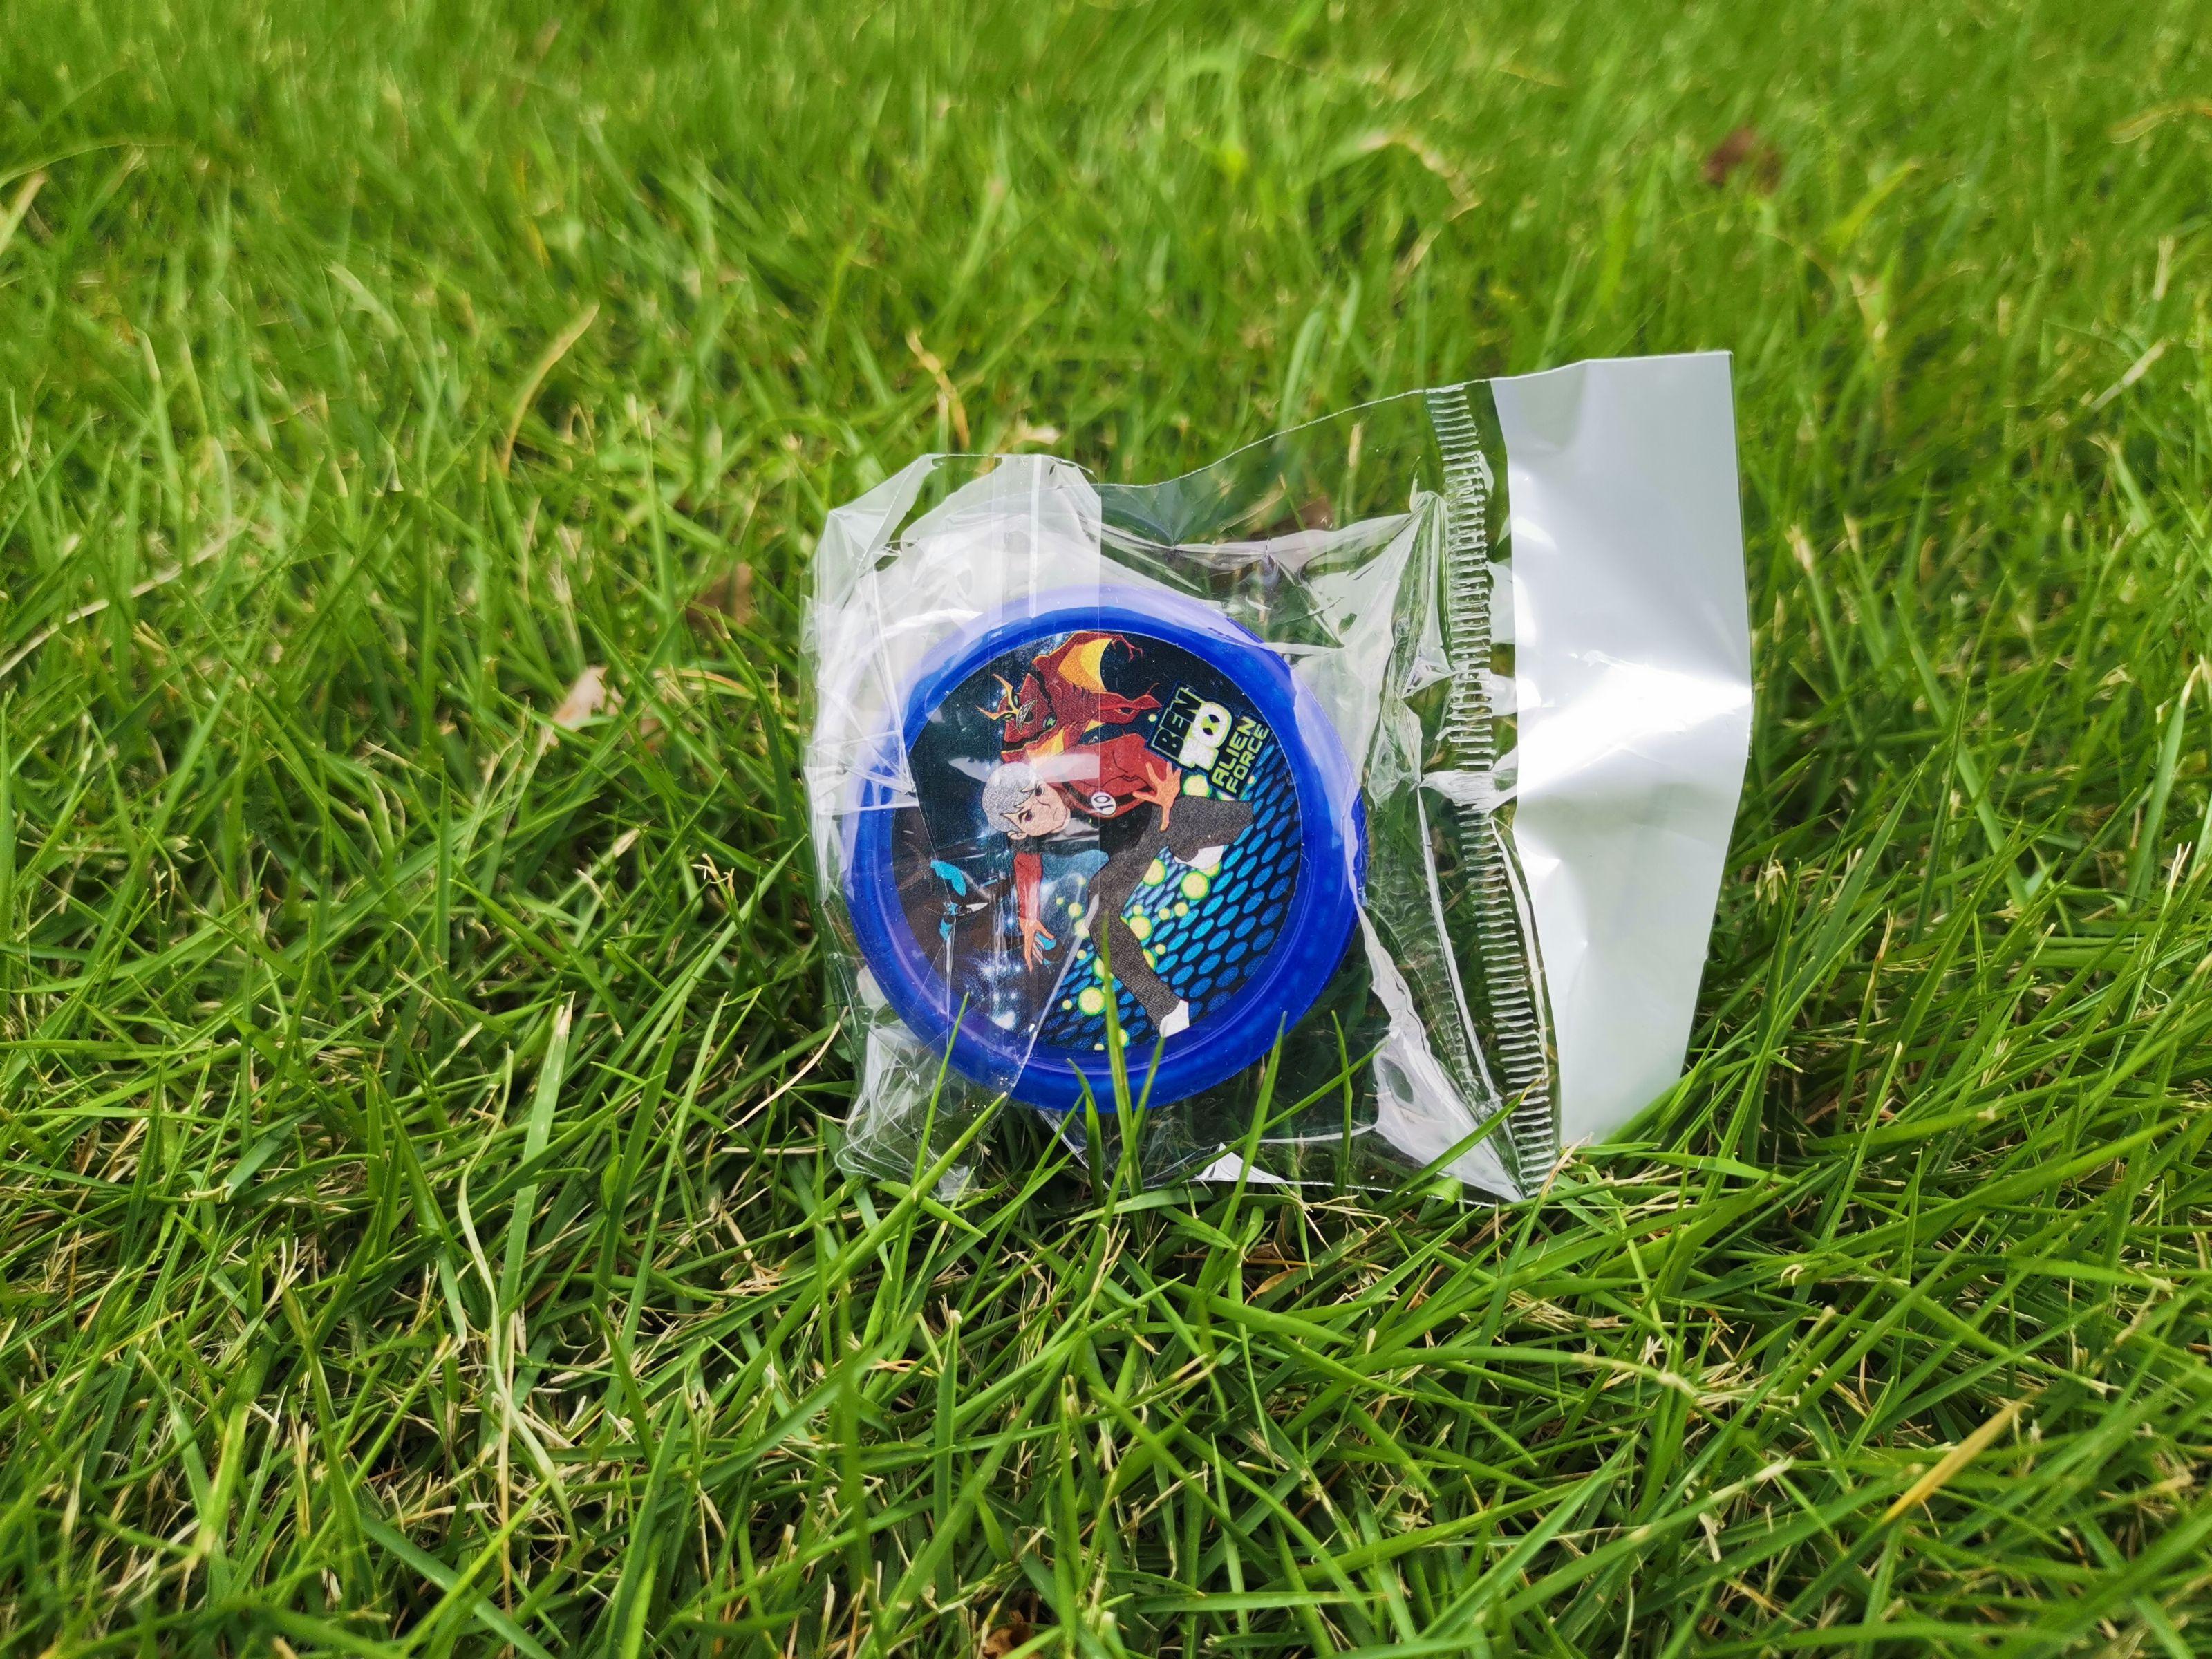 儿童玩具发光溜溜球 炫光悠悠球男女孩金属牵引 孩子生日礼物